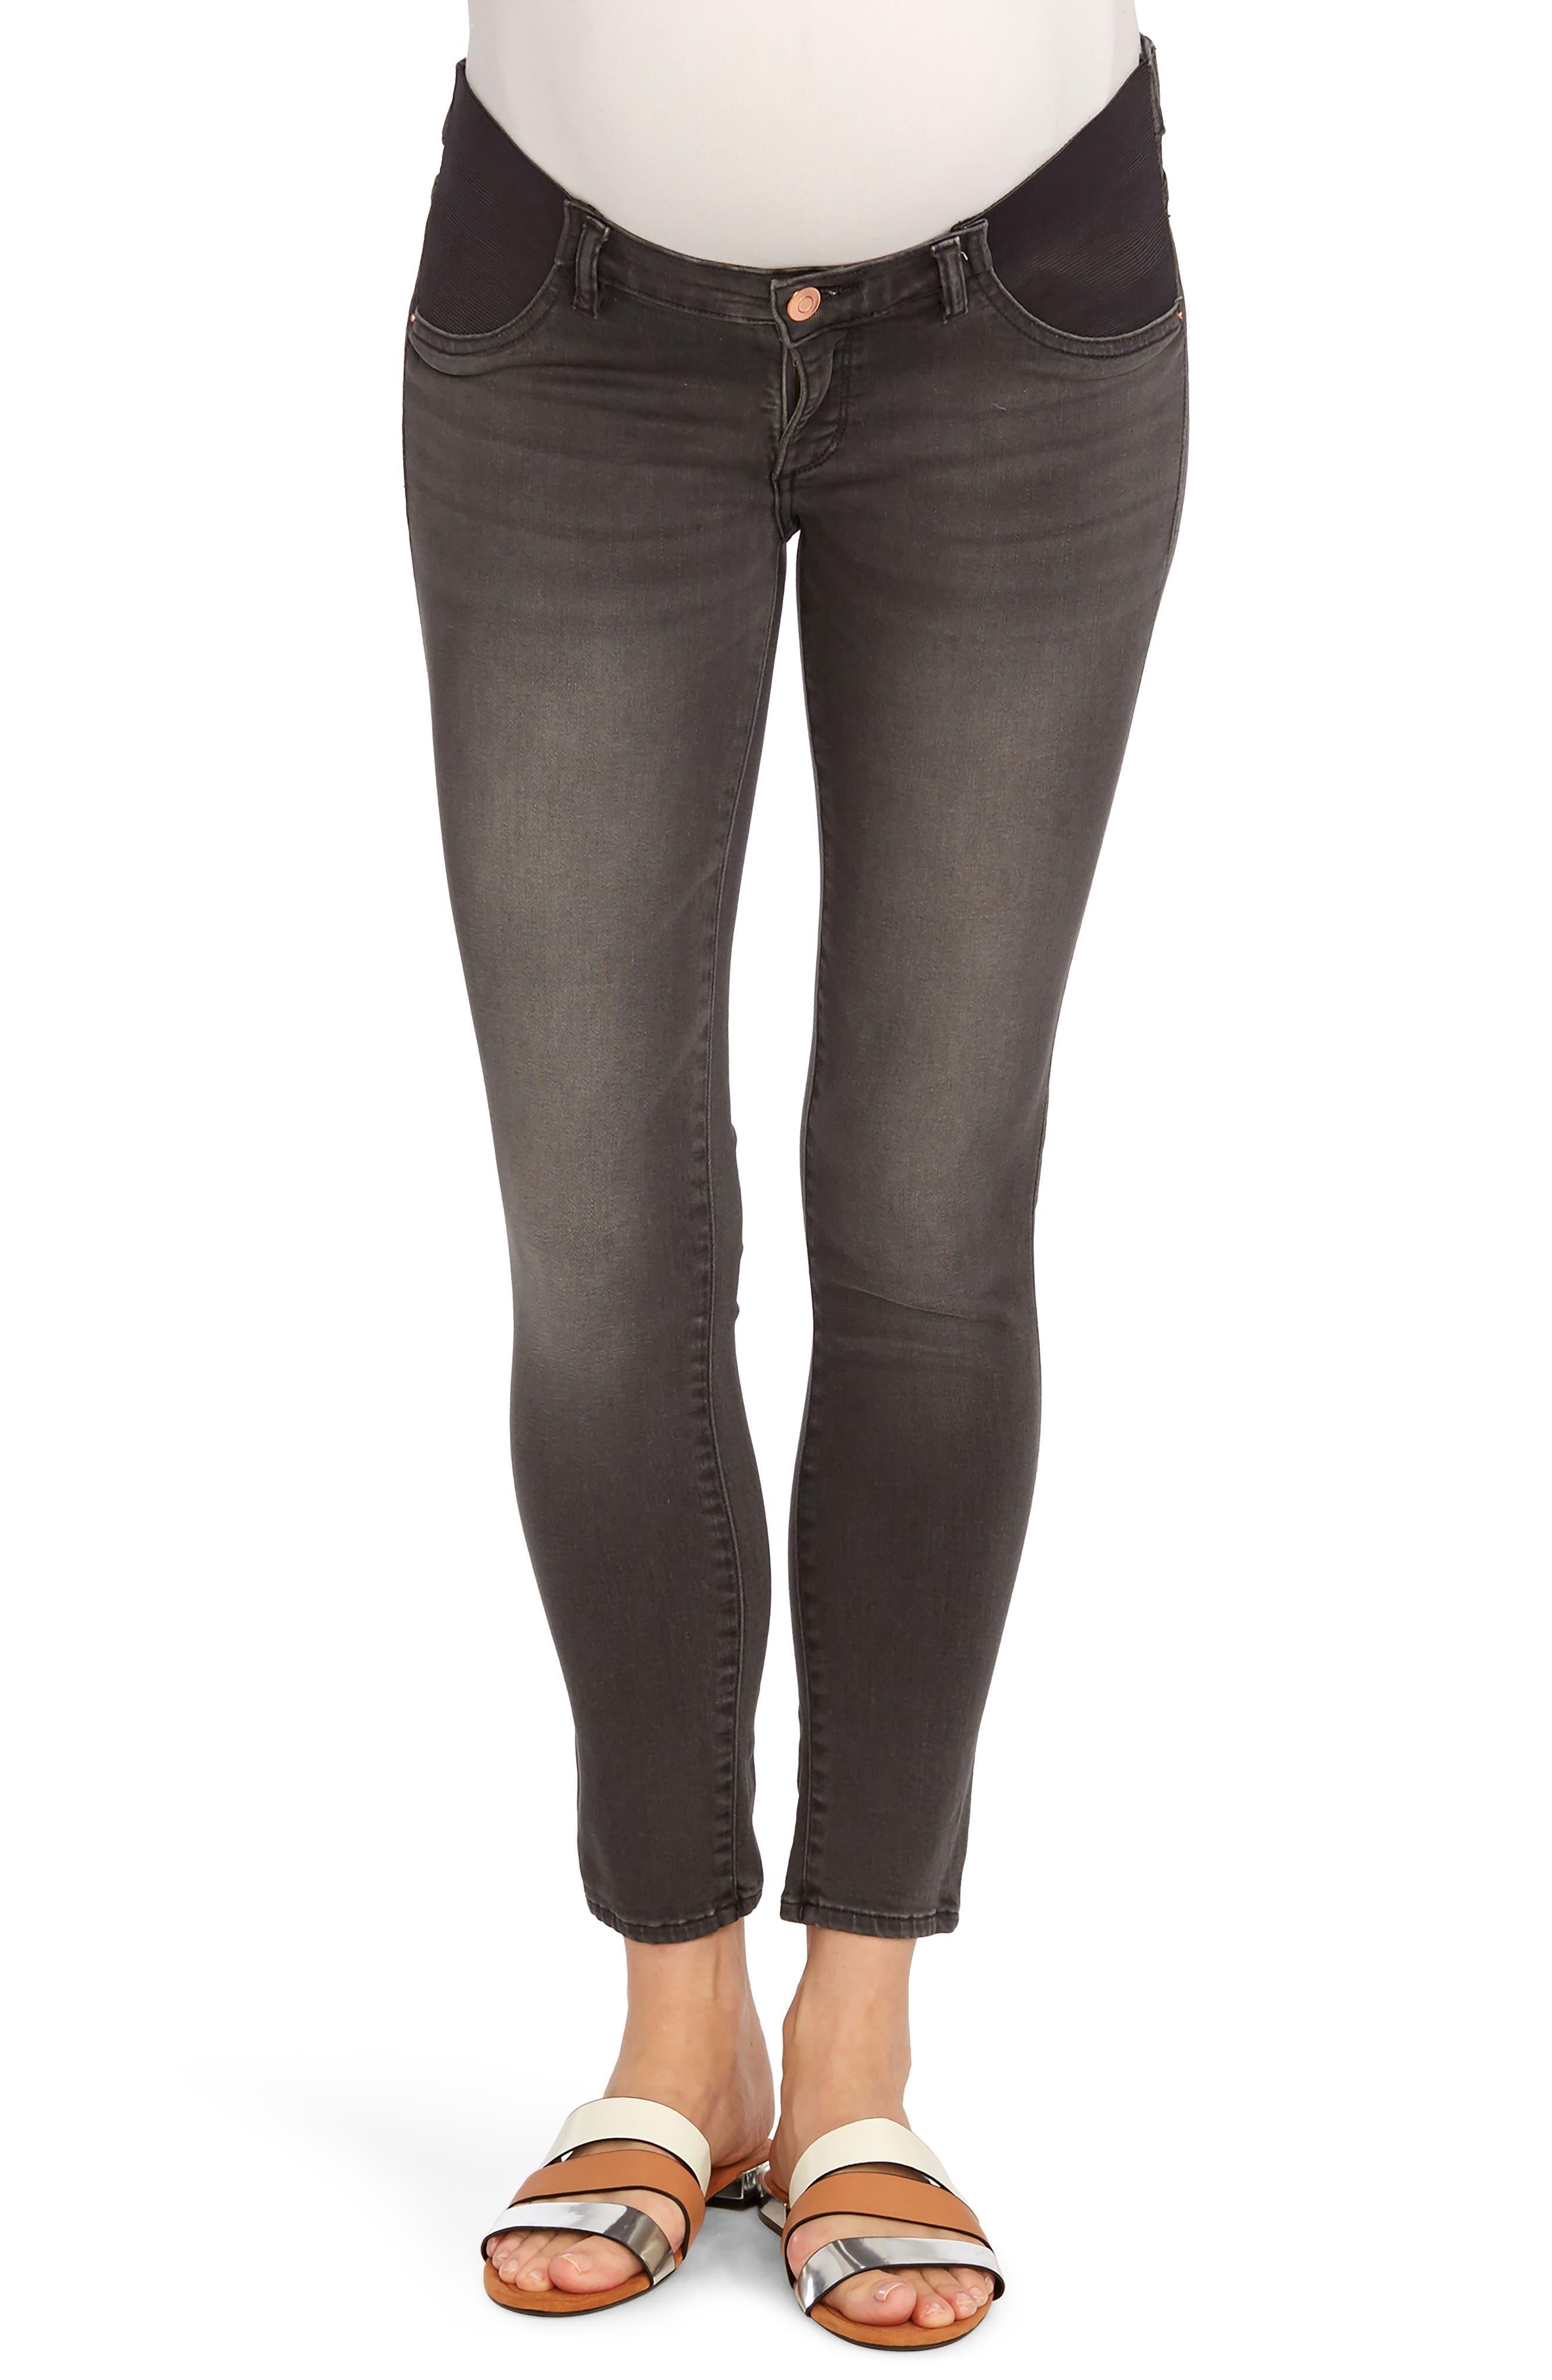 Rosie Pope x DL1961 Ankle Skinny Maternity Jeans (Wickham)